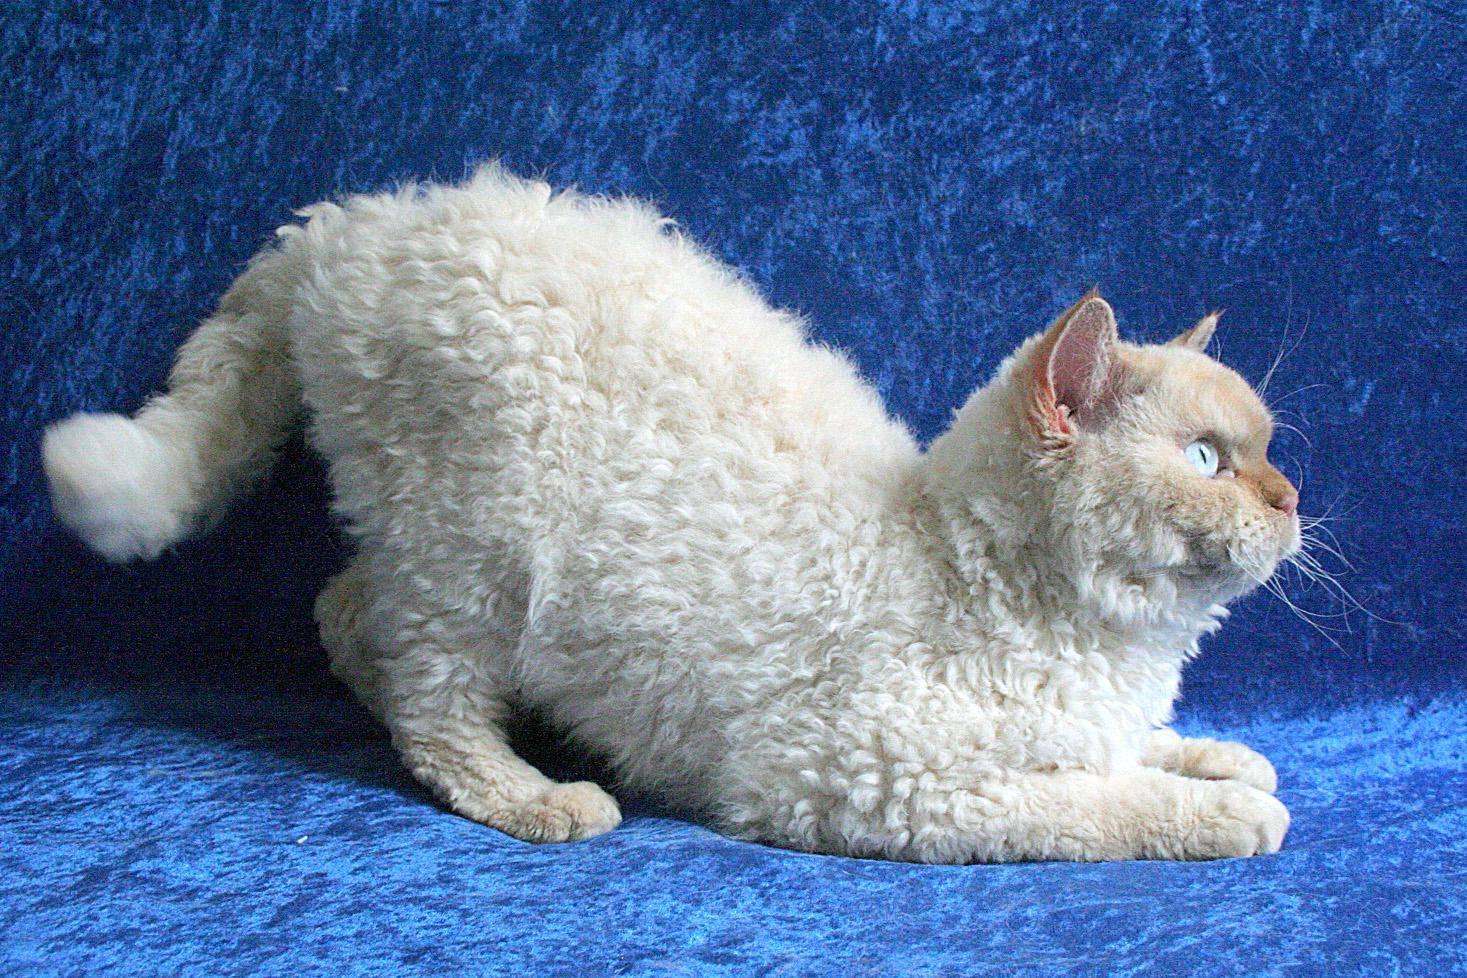 Селкирк рекс: 80 фото и полный обзор кучерявой кошки